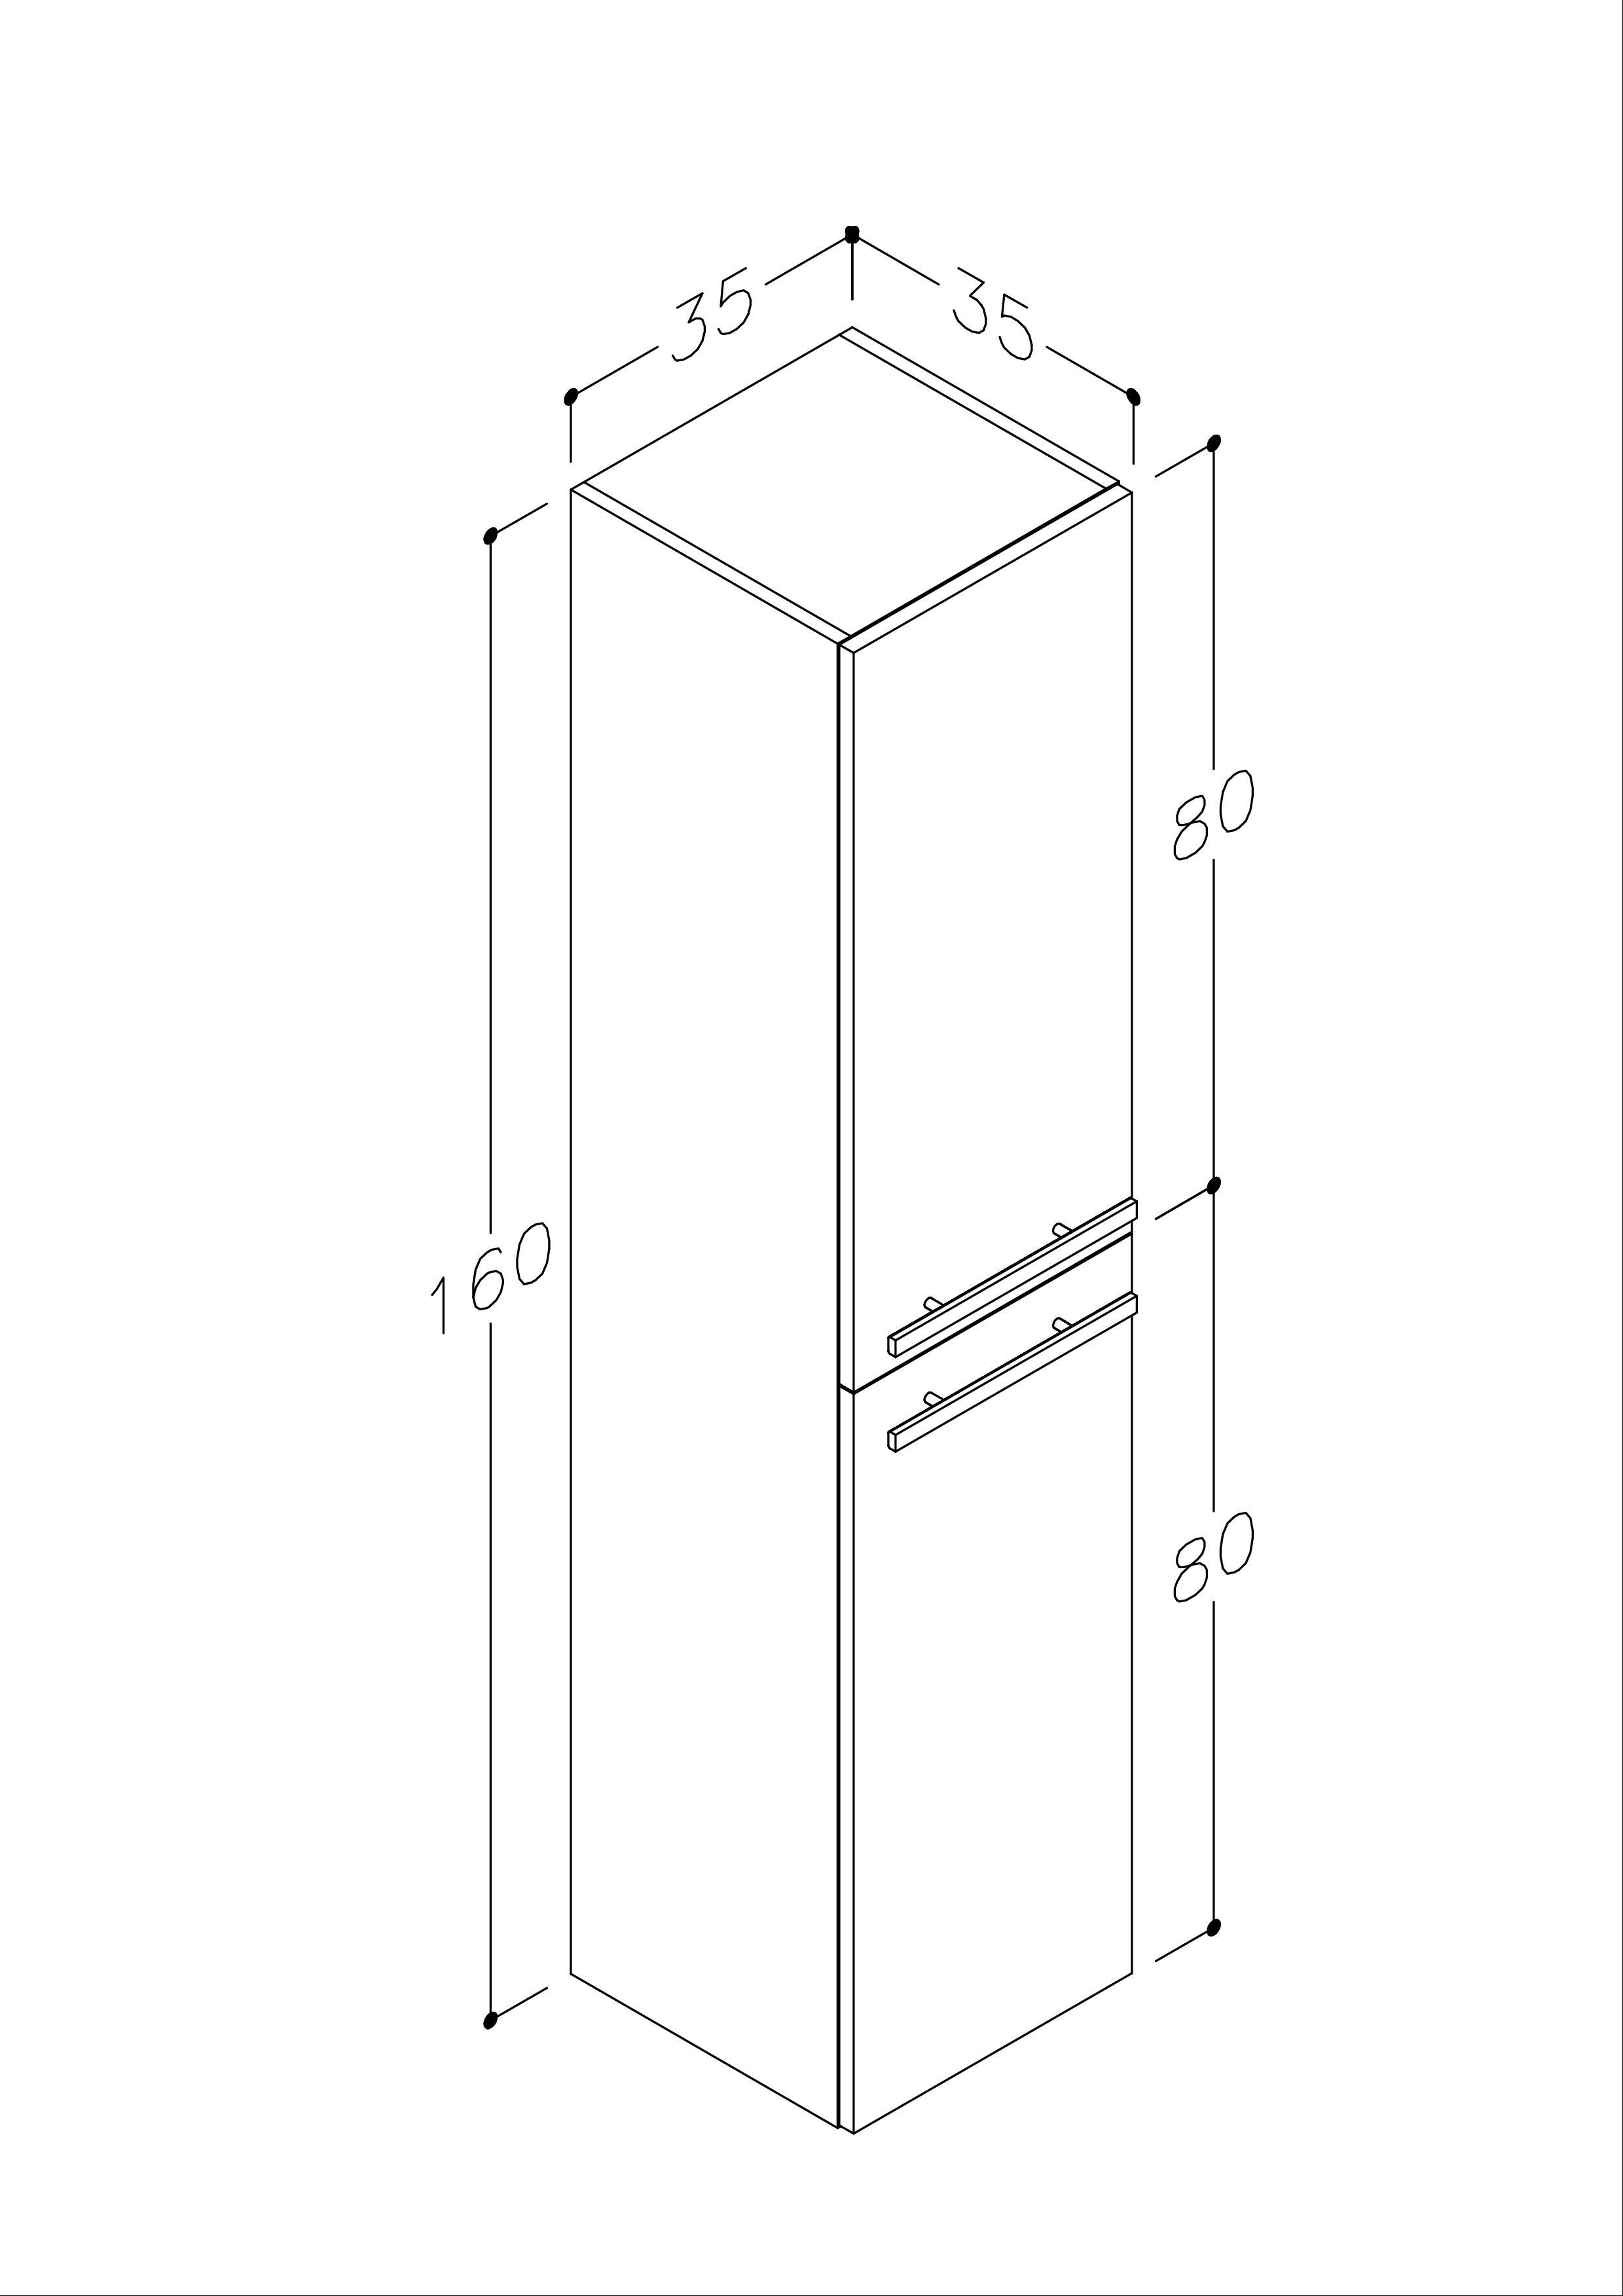 Bad Hochschrank Serena 35 mit 2 Türen, Wäschekorb, Weiß glänzend Bild 2